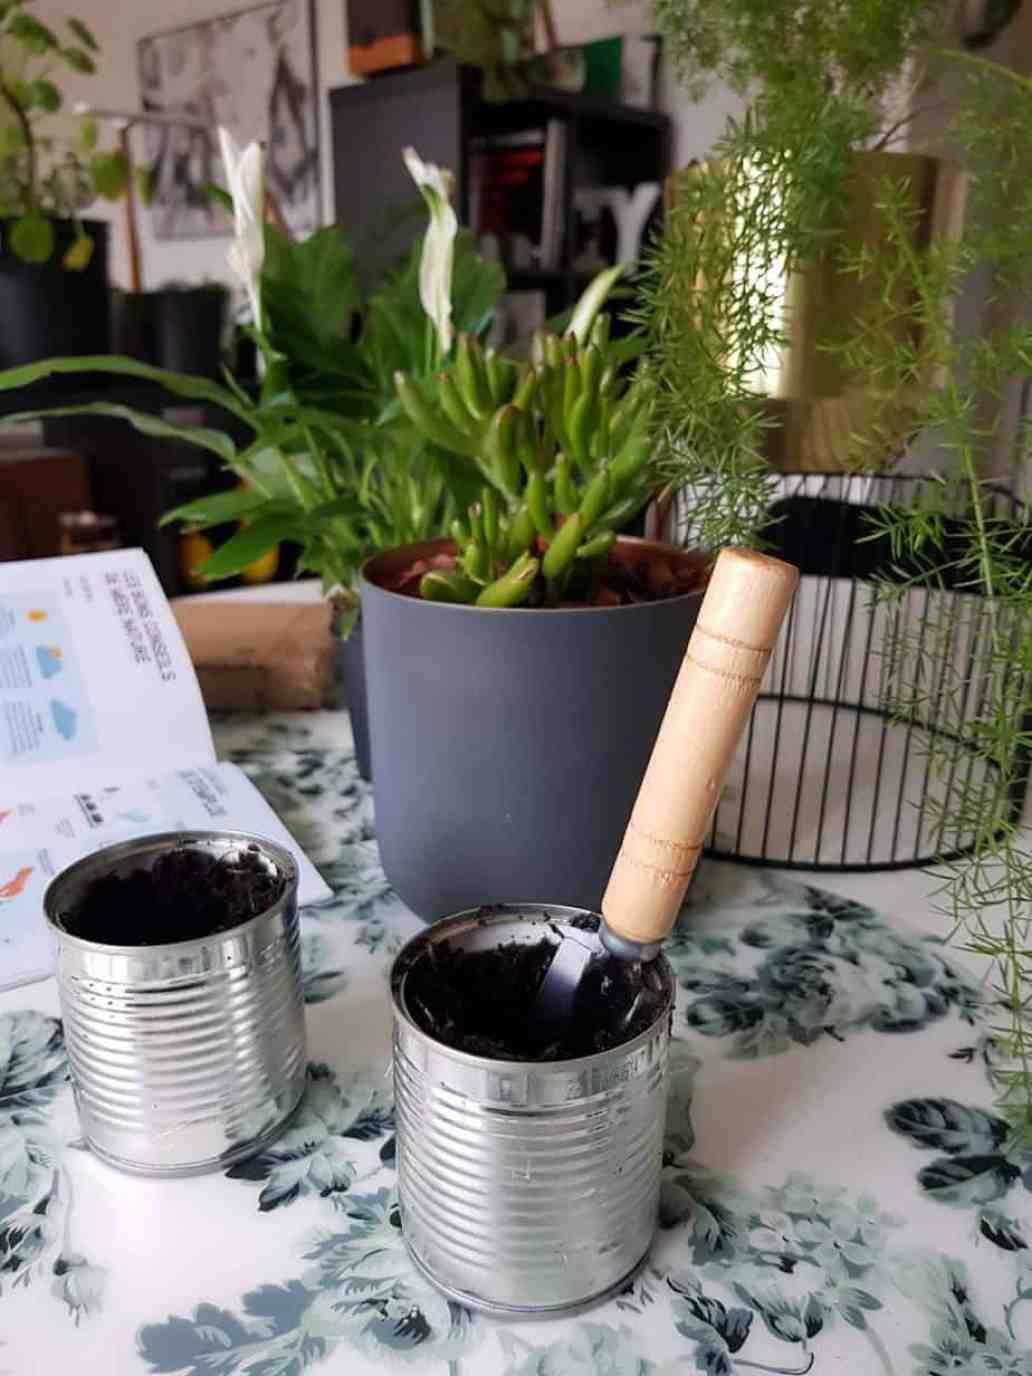 plantation graine mon petit coin vert 1536x2048 - Mon Petit Coin Vert, une box de jardinage